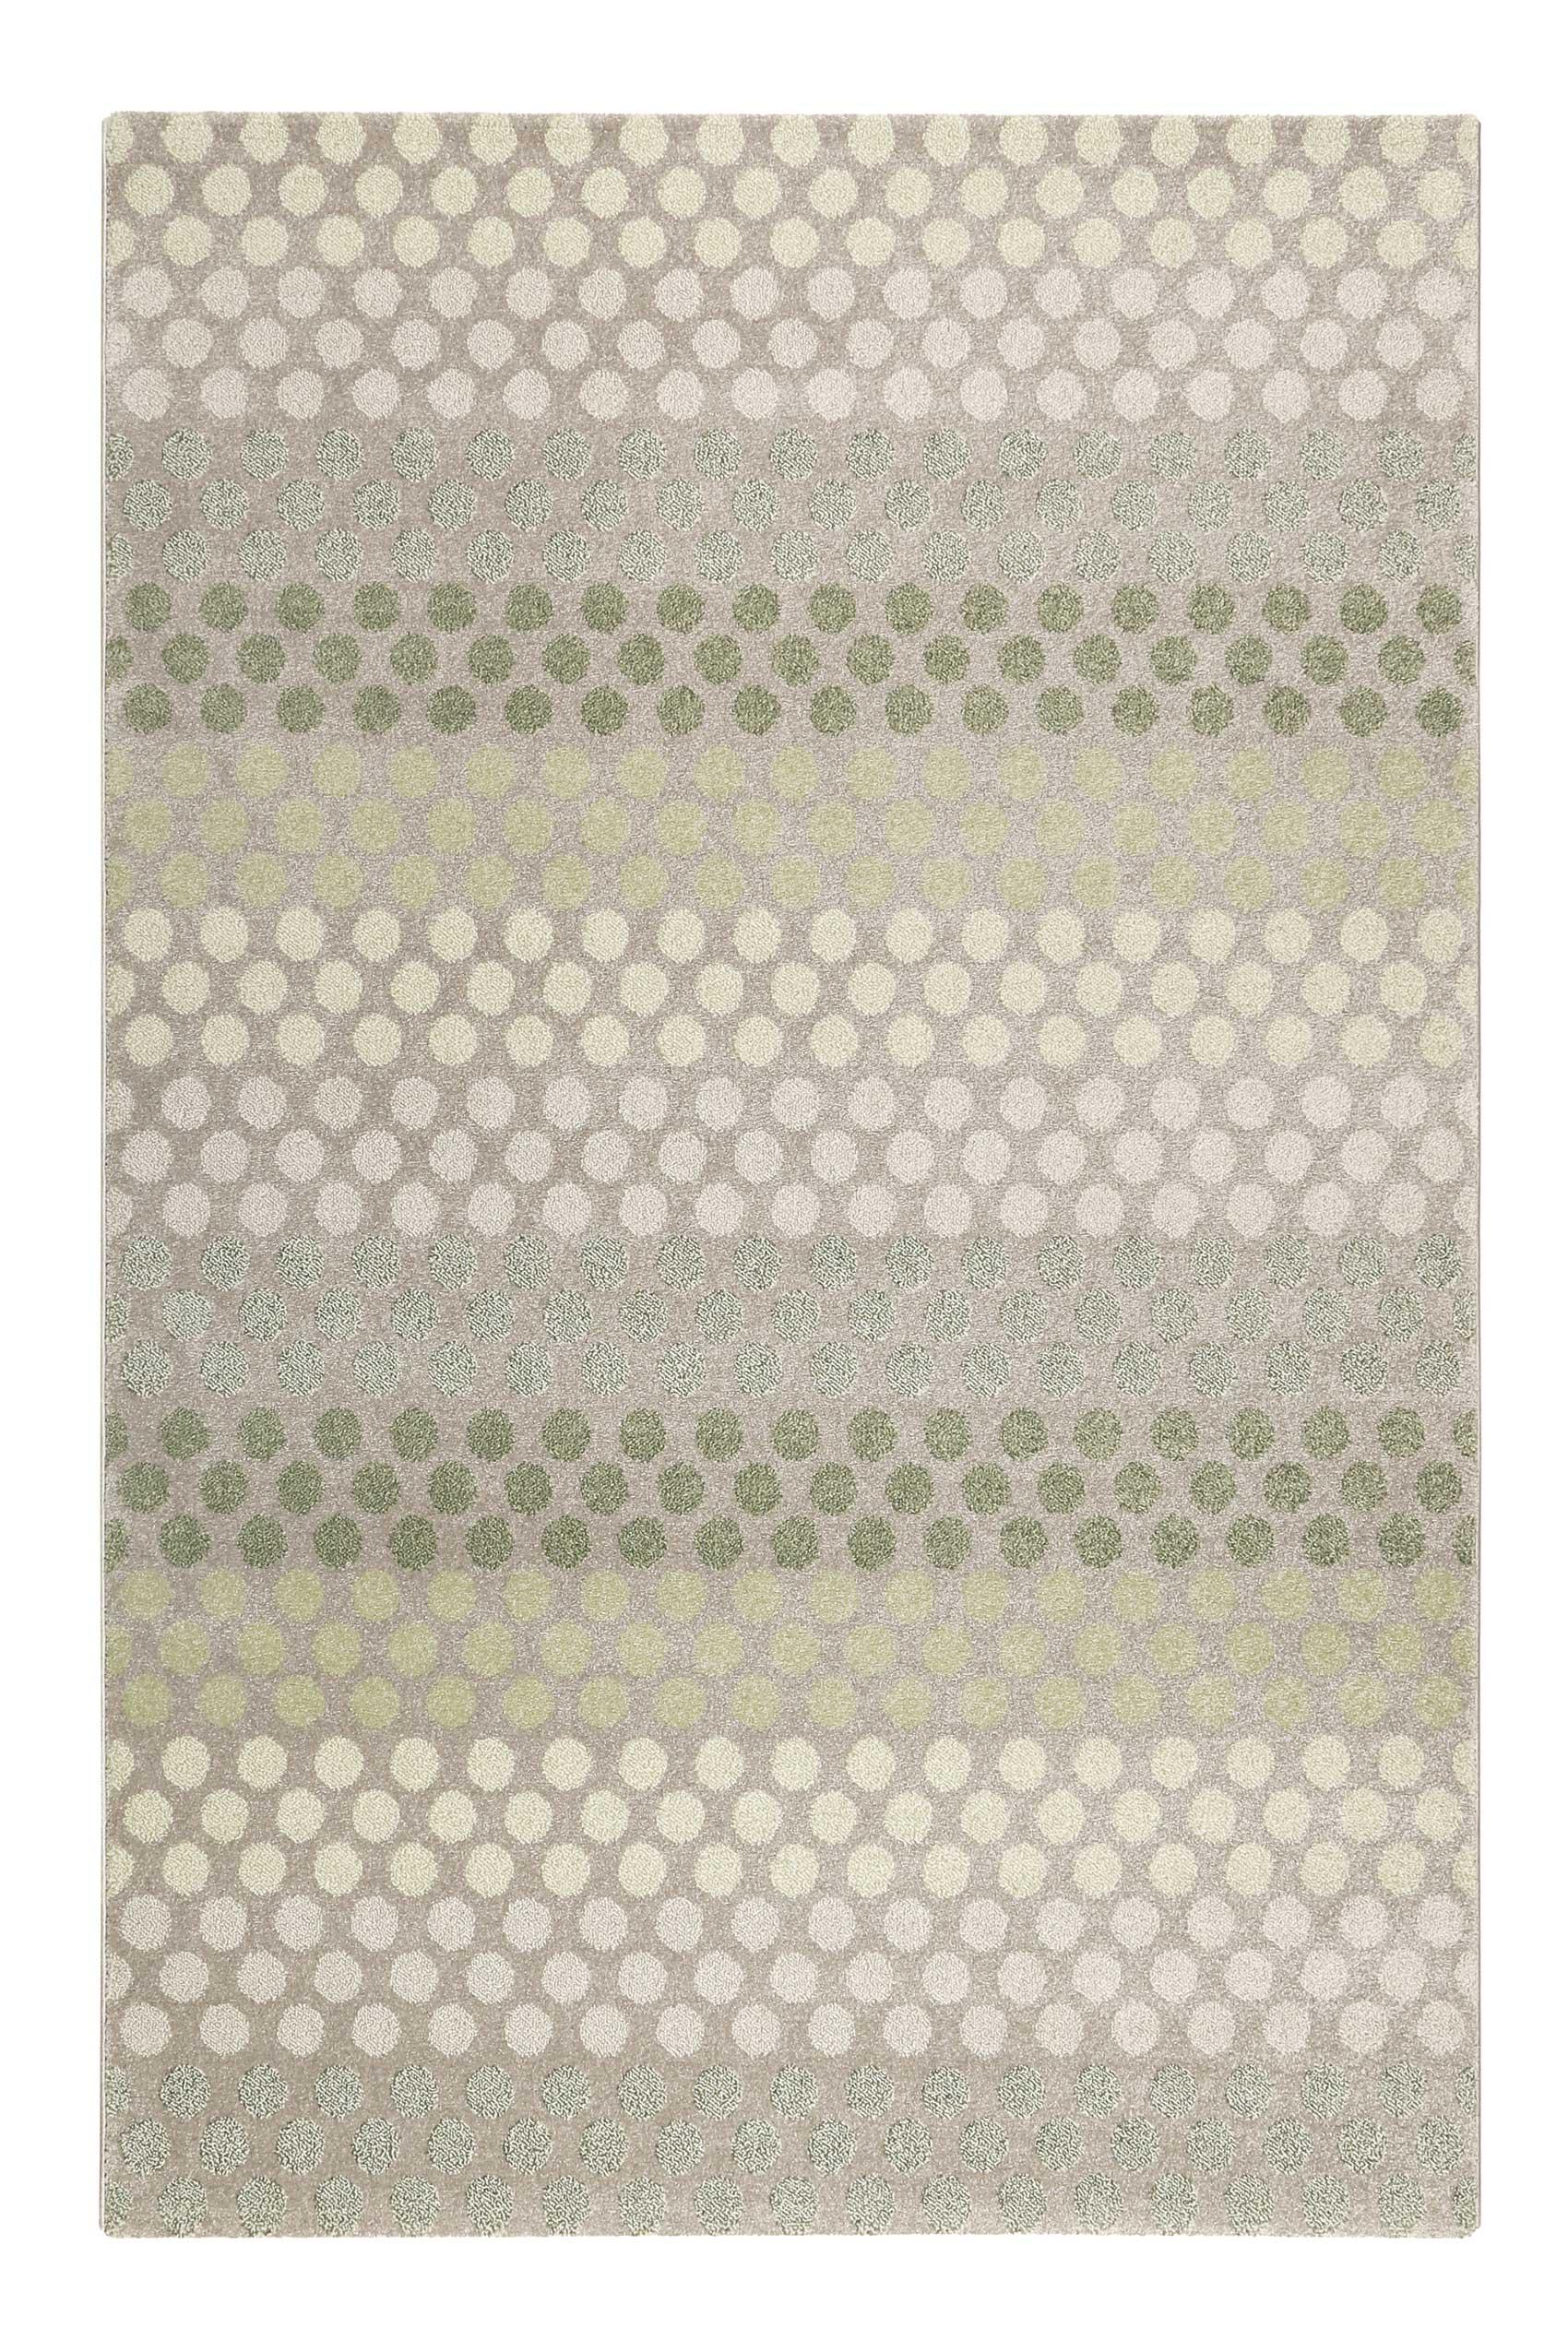 Tapis motif pois à poils courts vert/gris pour salon, chambre 200x133